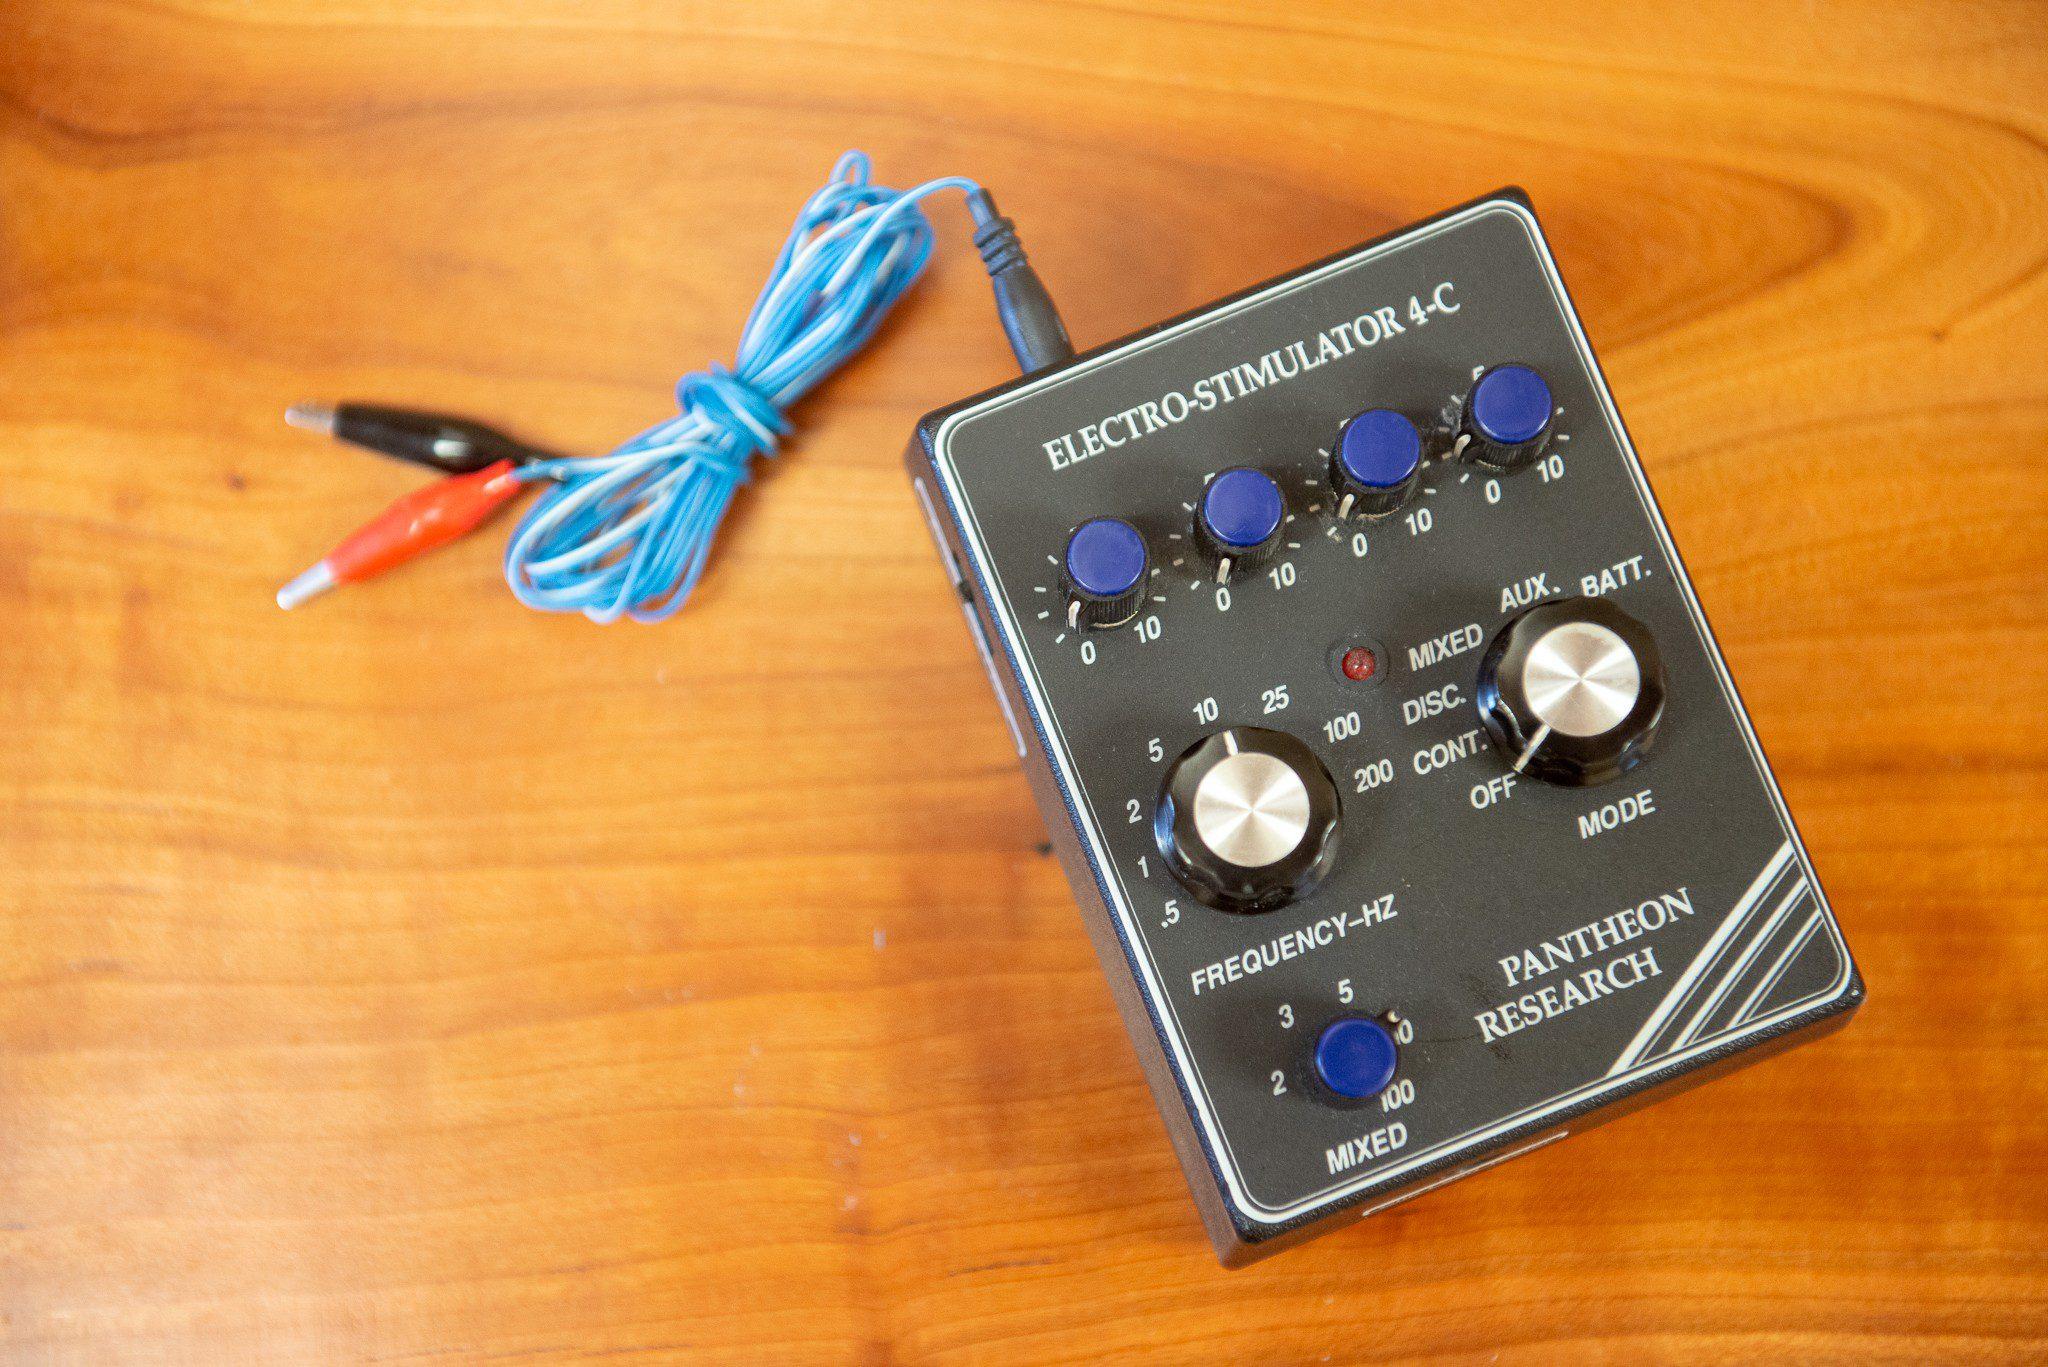 Electro-stimulator